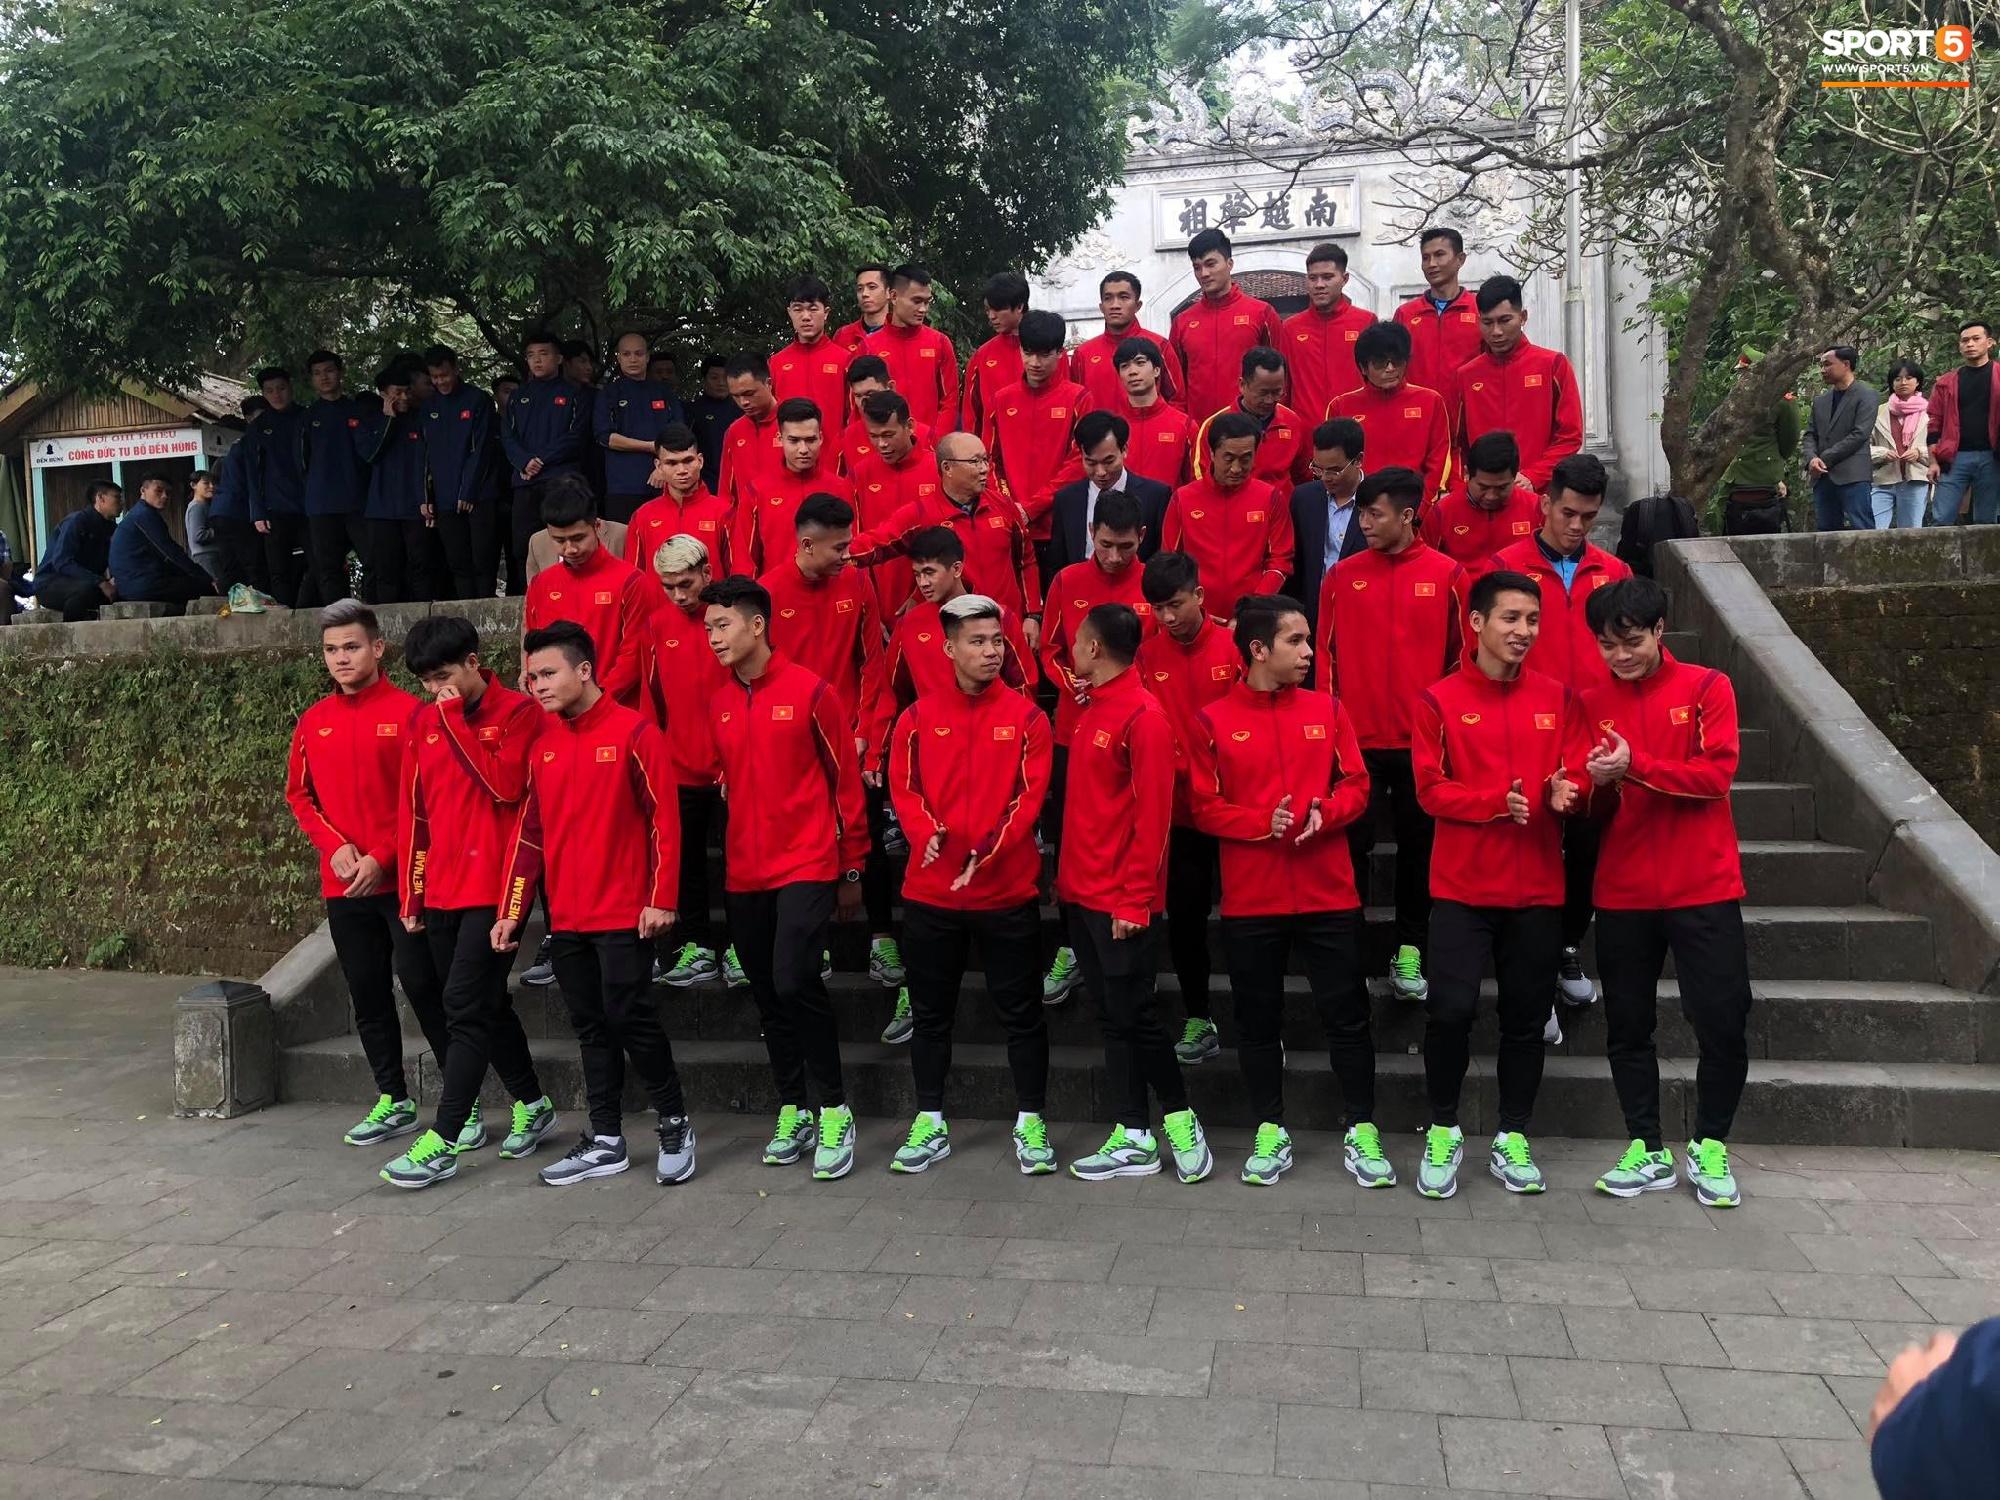 ĐT Việt Nam về thăm Đền Hùng, người hâm mộ vui mừng khi tình cờ gặp gỡ - Ảnh 6.